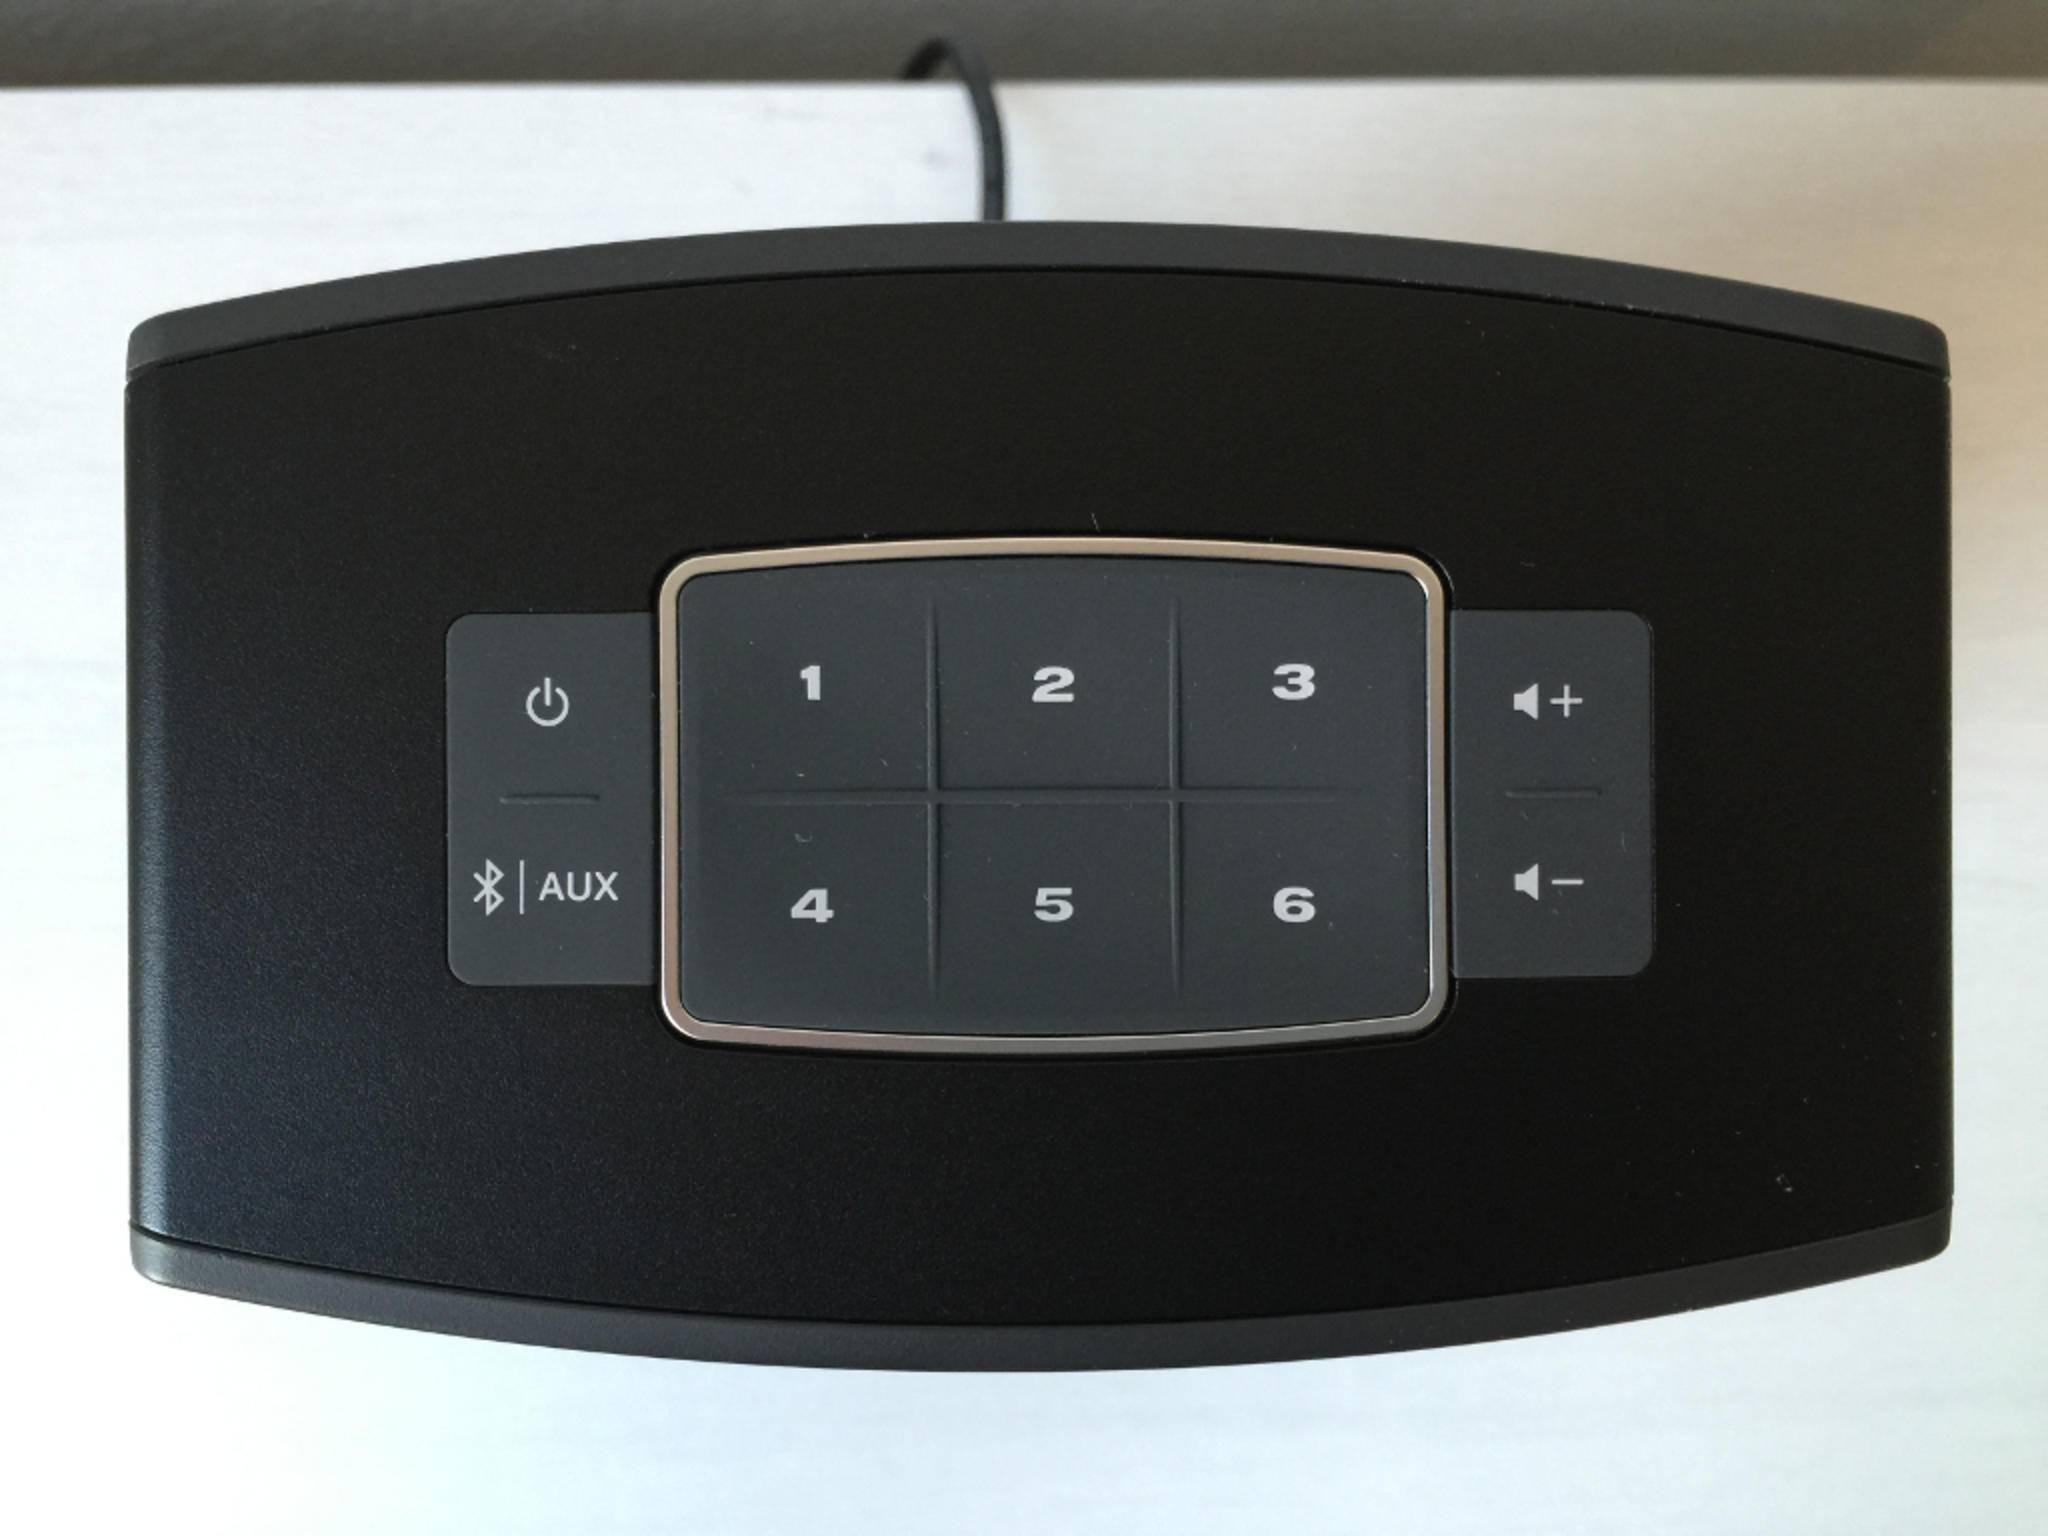 Die sechs Hardware-Buttons lassen sich beispielsweise mit Musikstreaming-Diensten belegen.